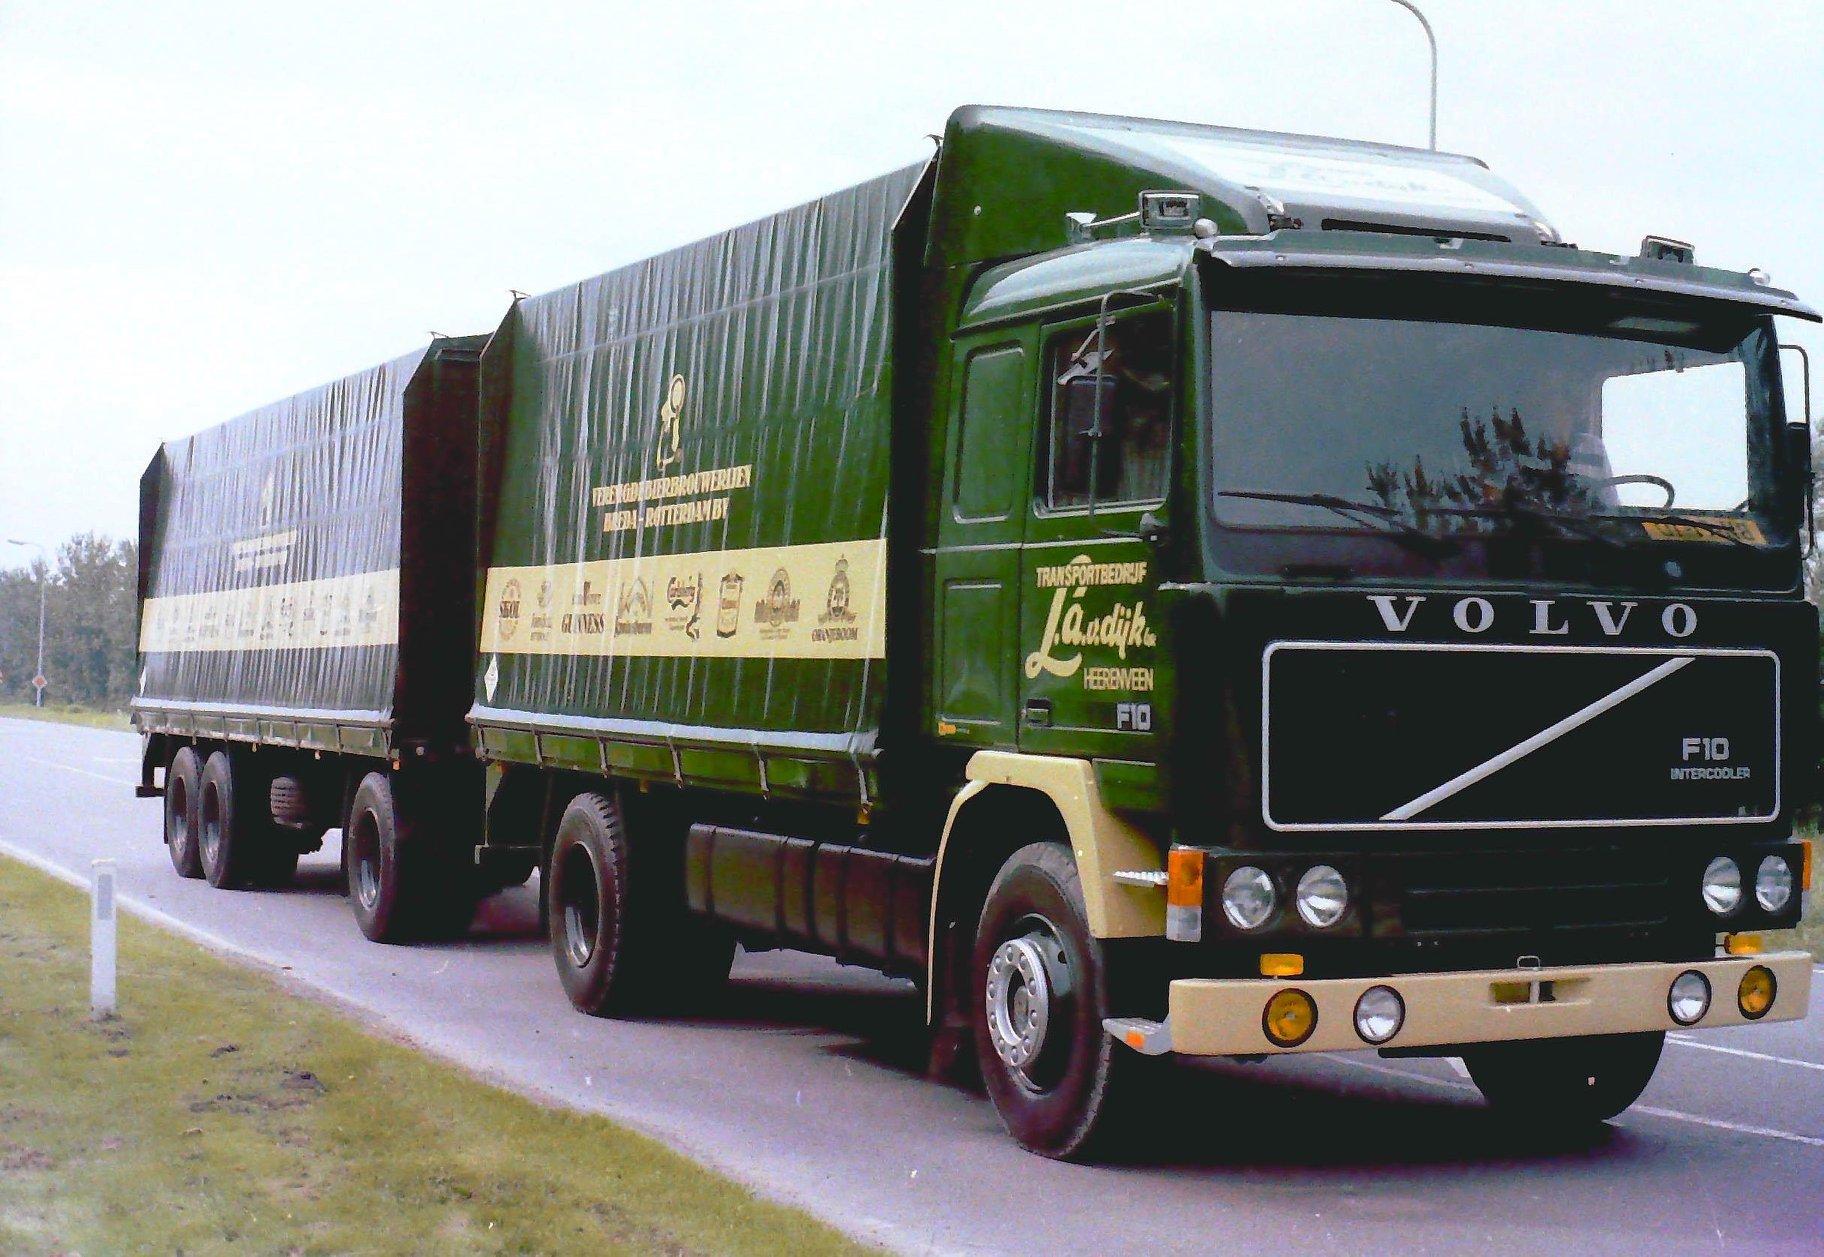 Volvo-F10-met-rolkleden-met-een-RAF-tandemas-aanhangwagen-met-rolkleden-is-van-Transportbedrijf-L-van-Dijk-BV-uit-Heerenveen